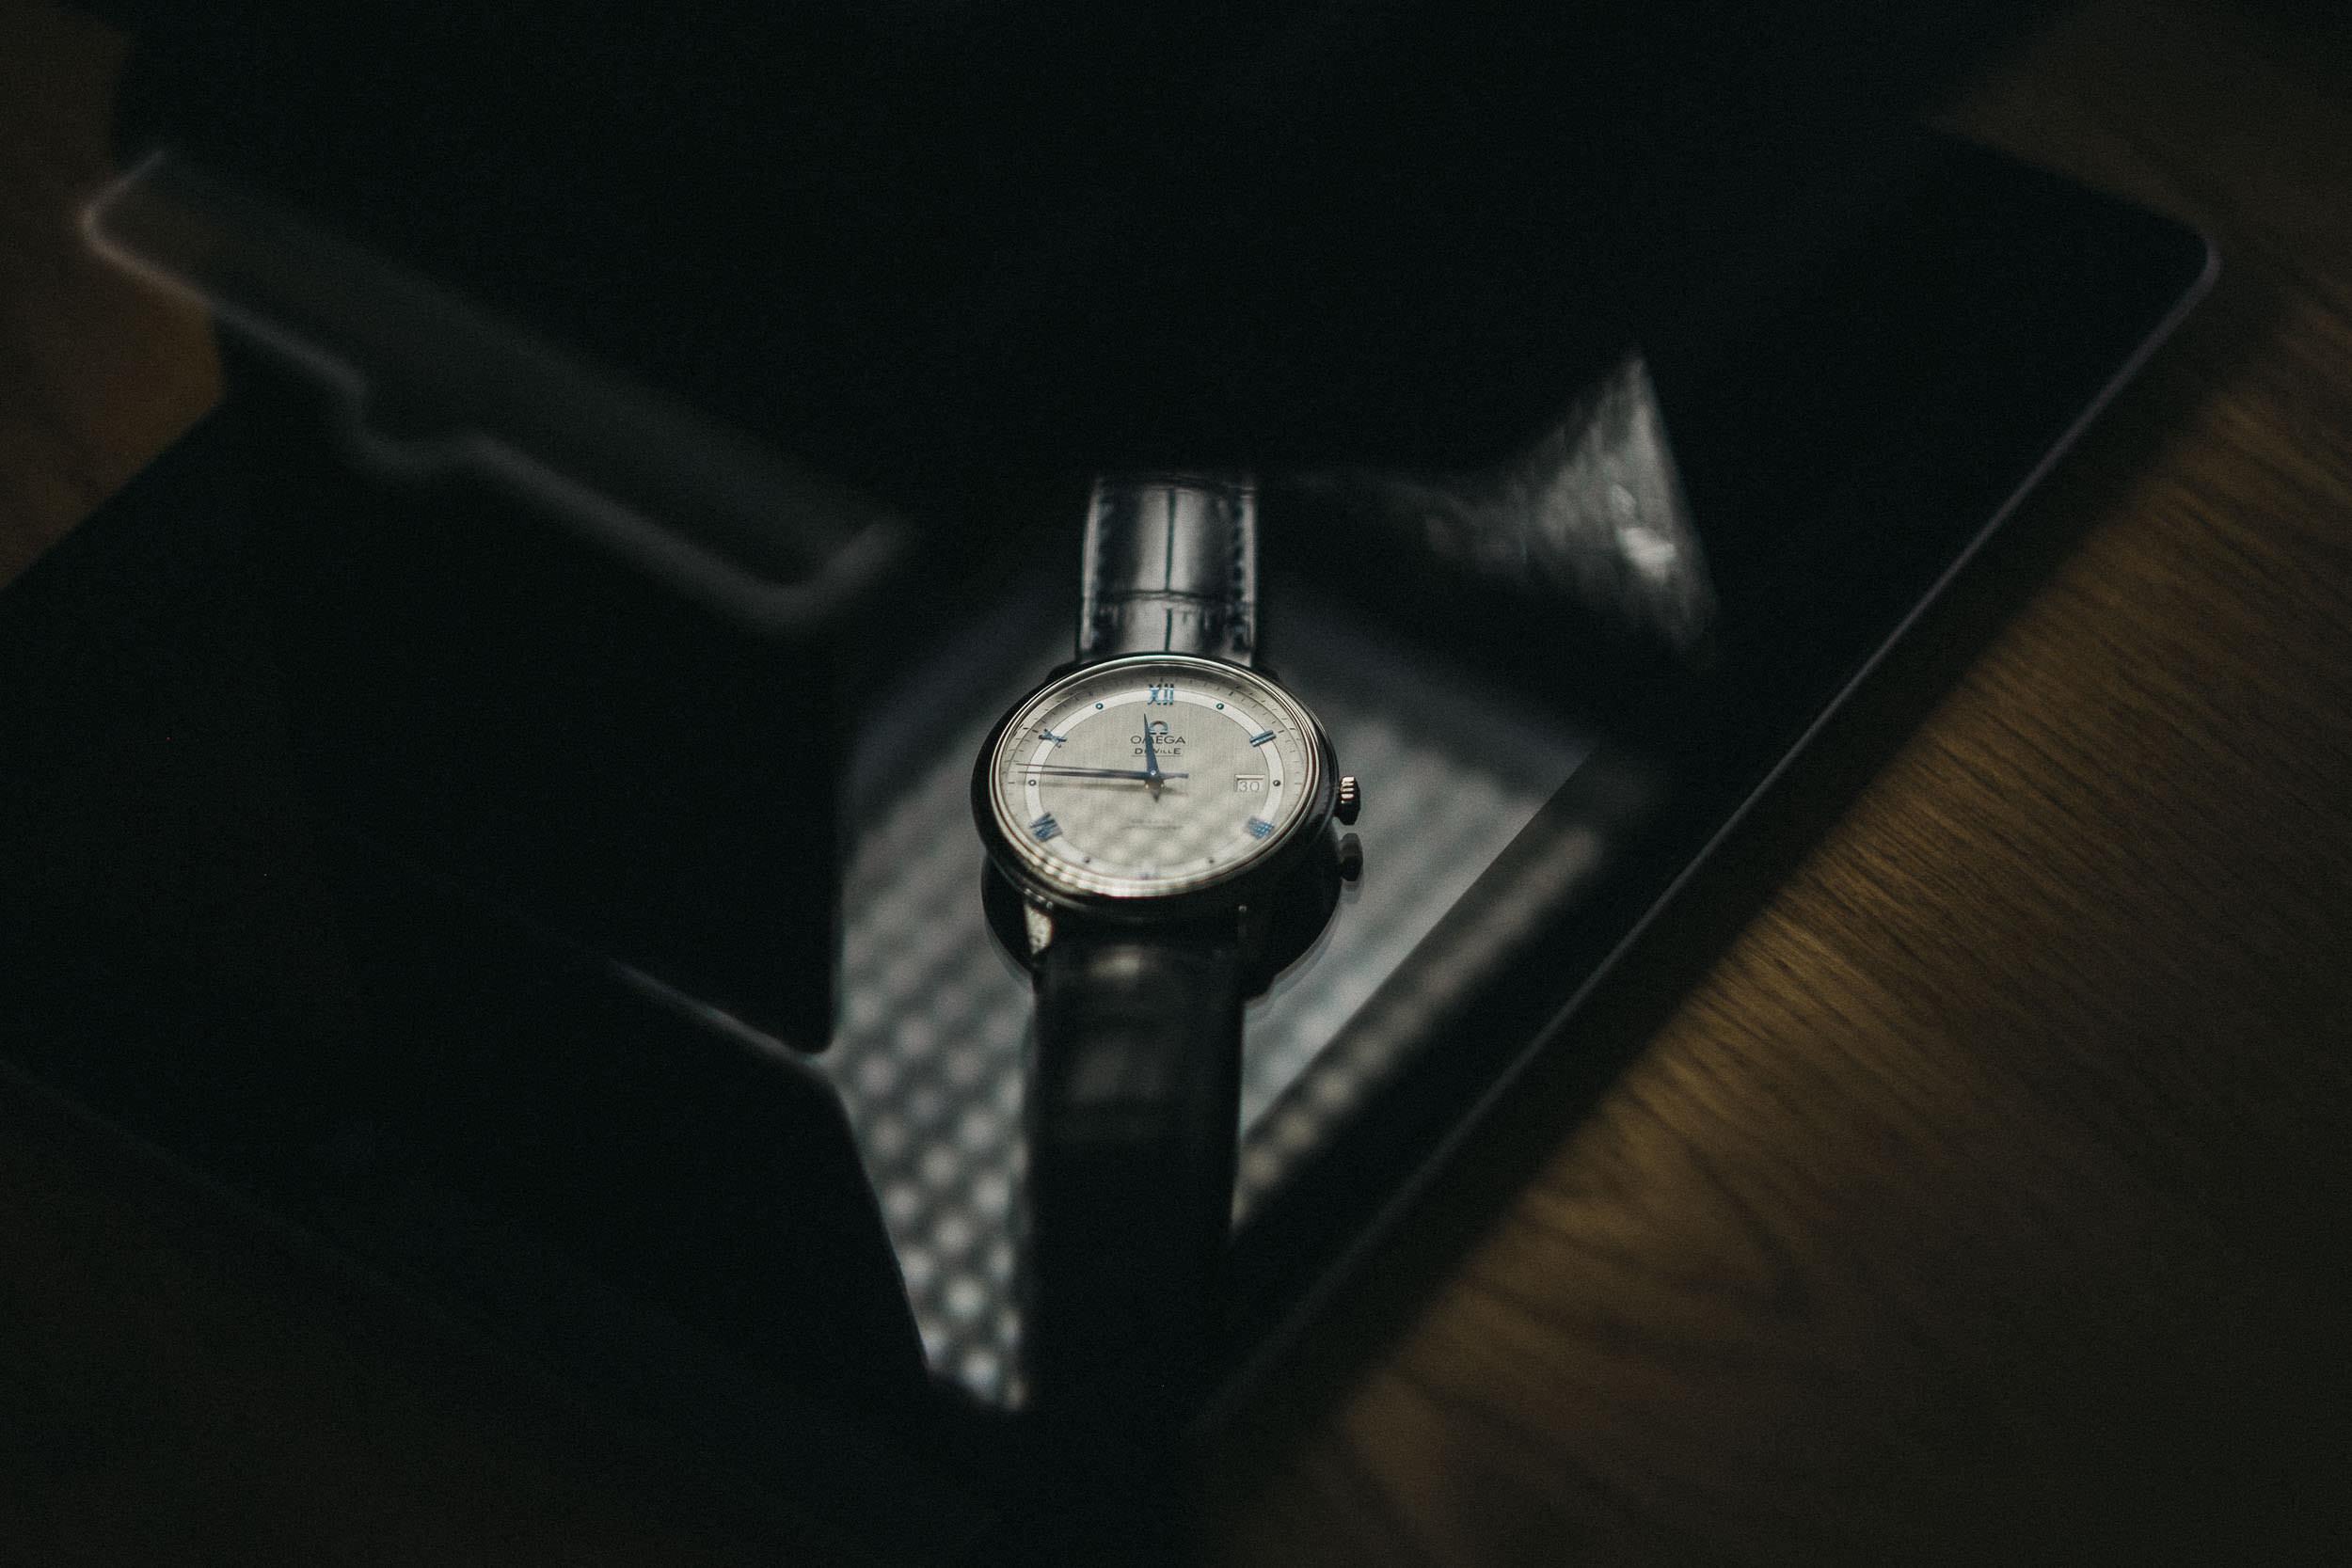 Detail of groom's watch